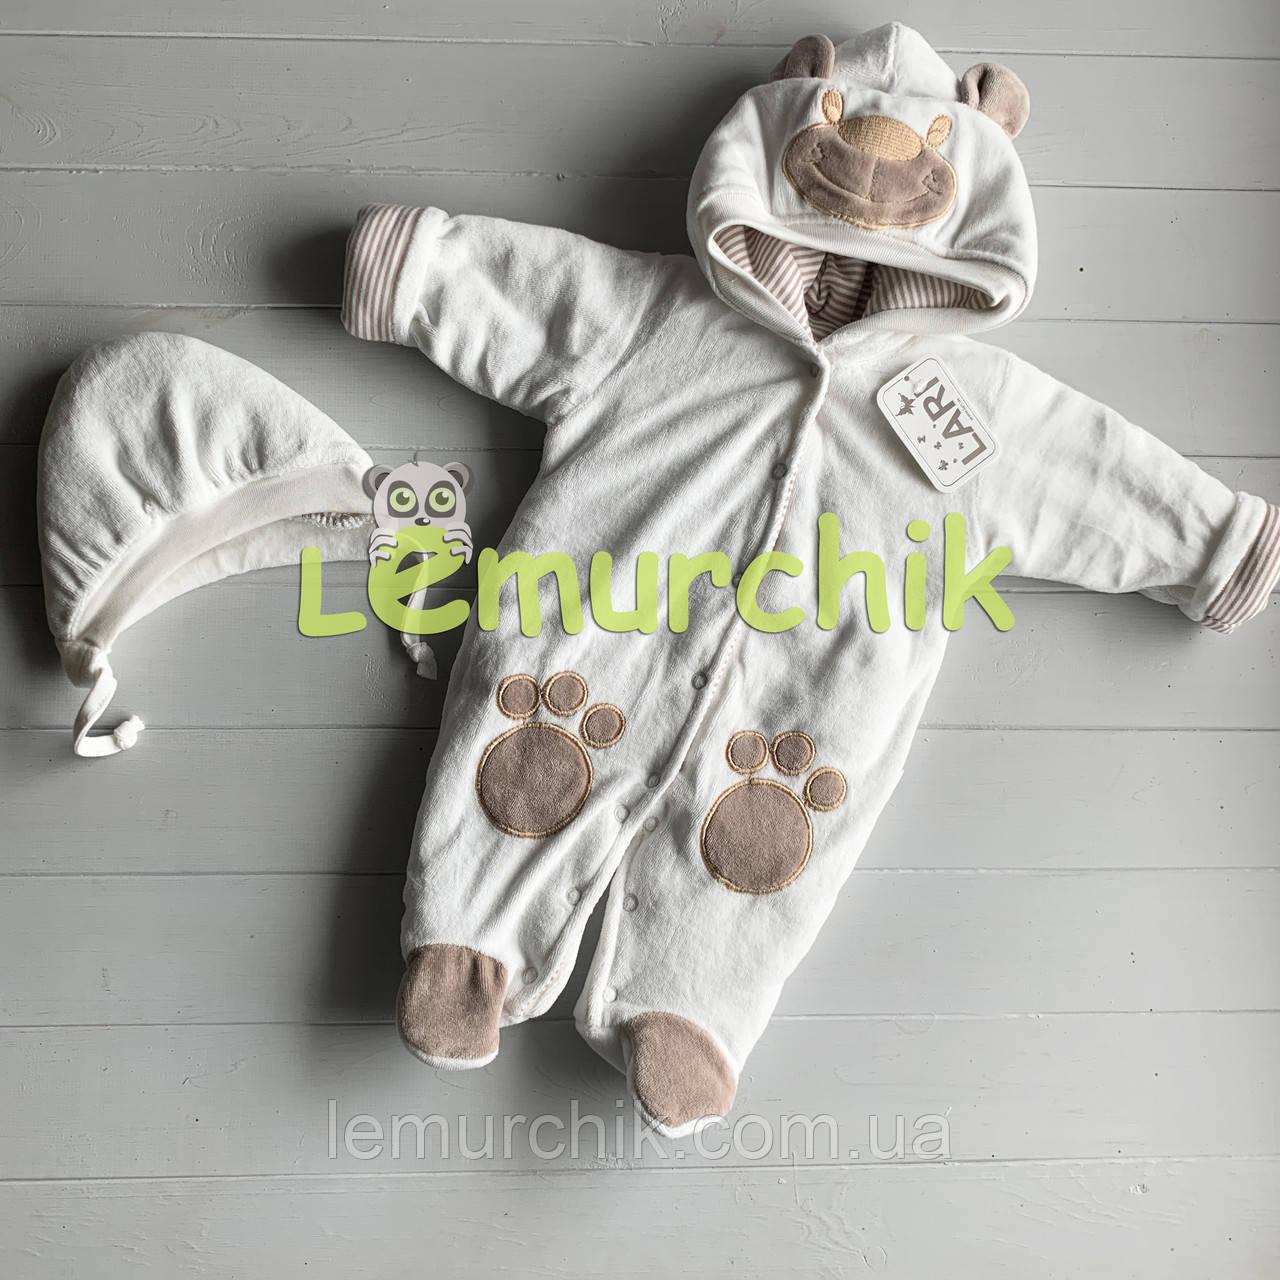 """Комбинезон детский на синтепоне с капюшоном """"Панда"""" молочный"""